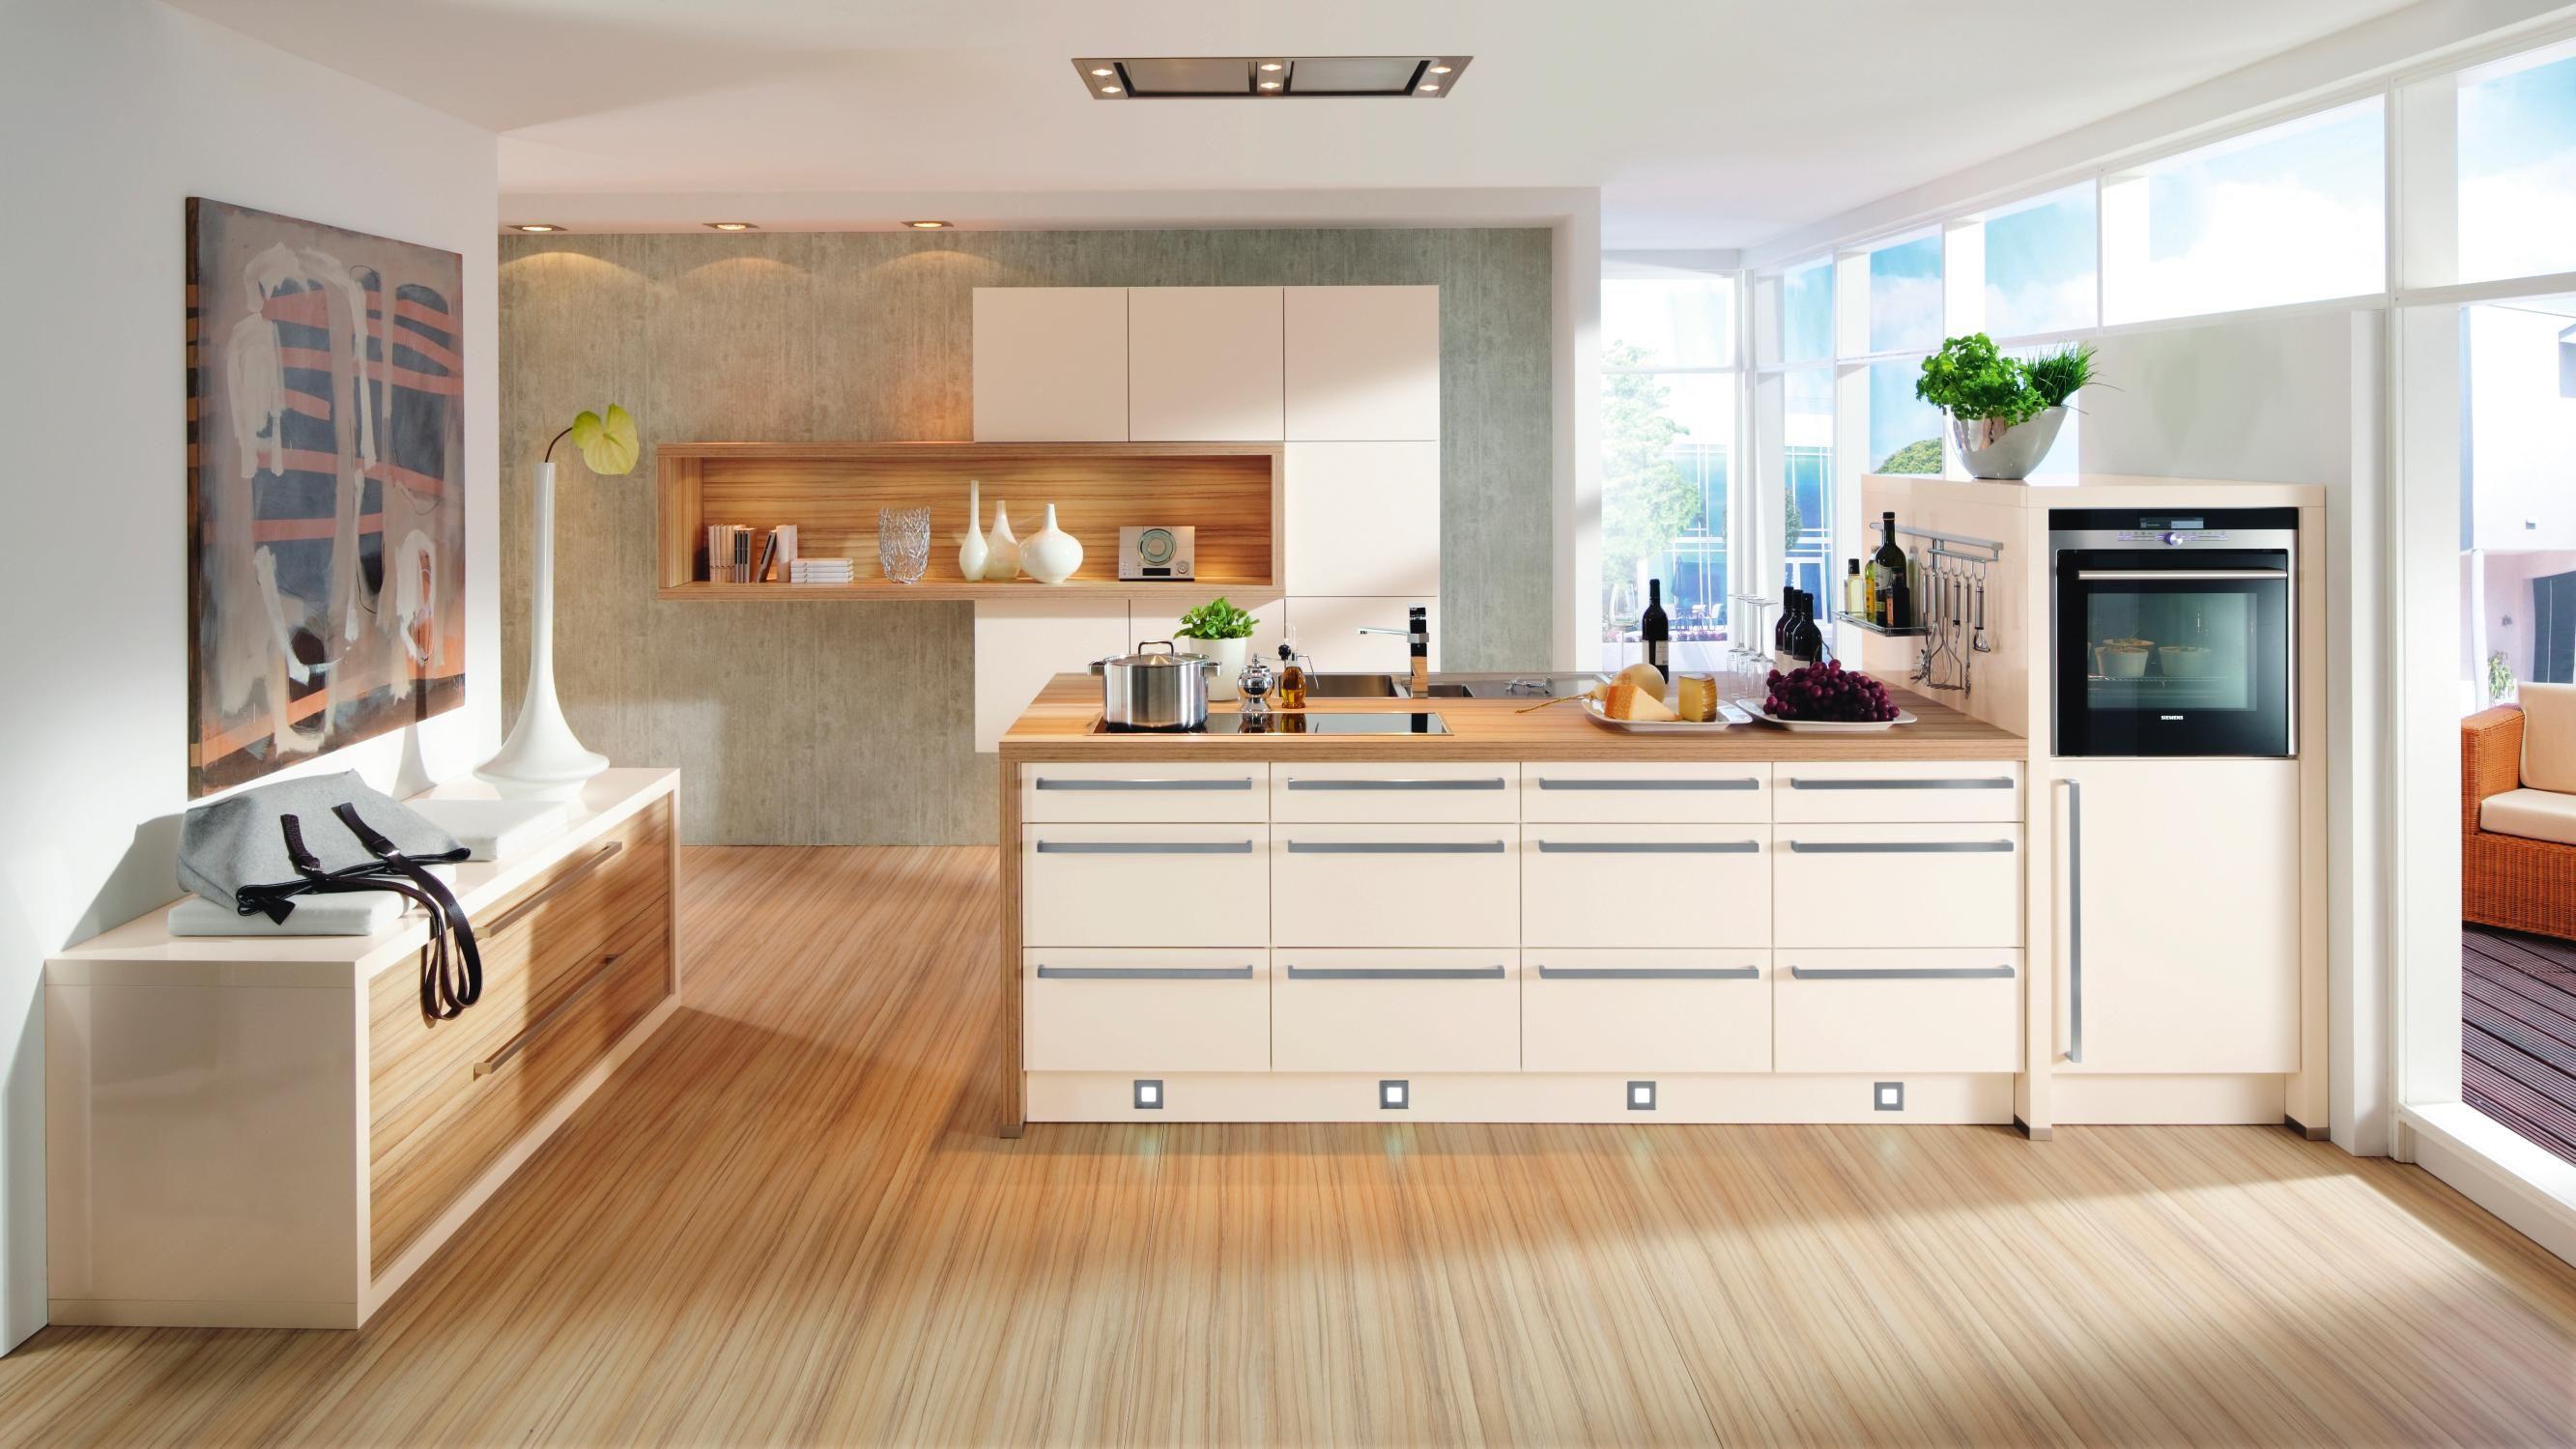 Küchentraum einbauküche dieter knoll der individuelle weg zur küchentraum